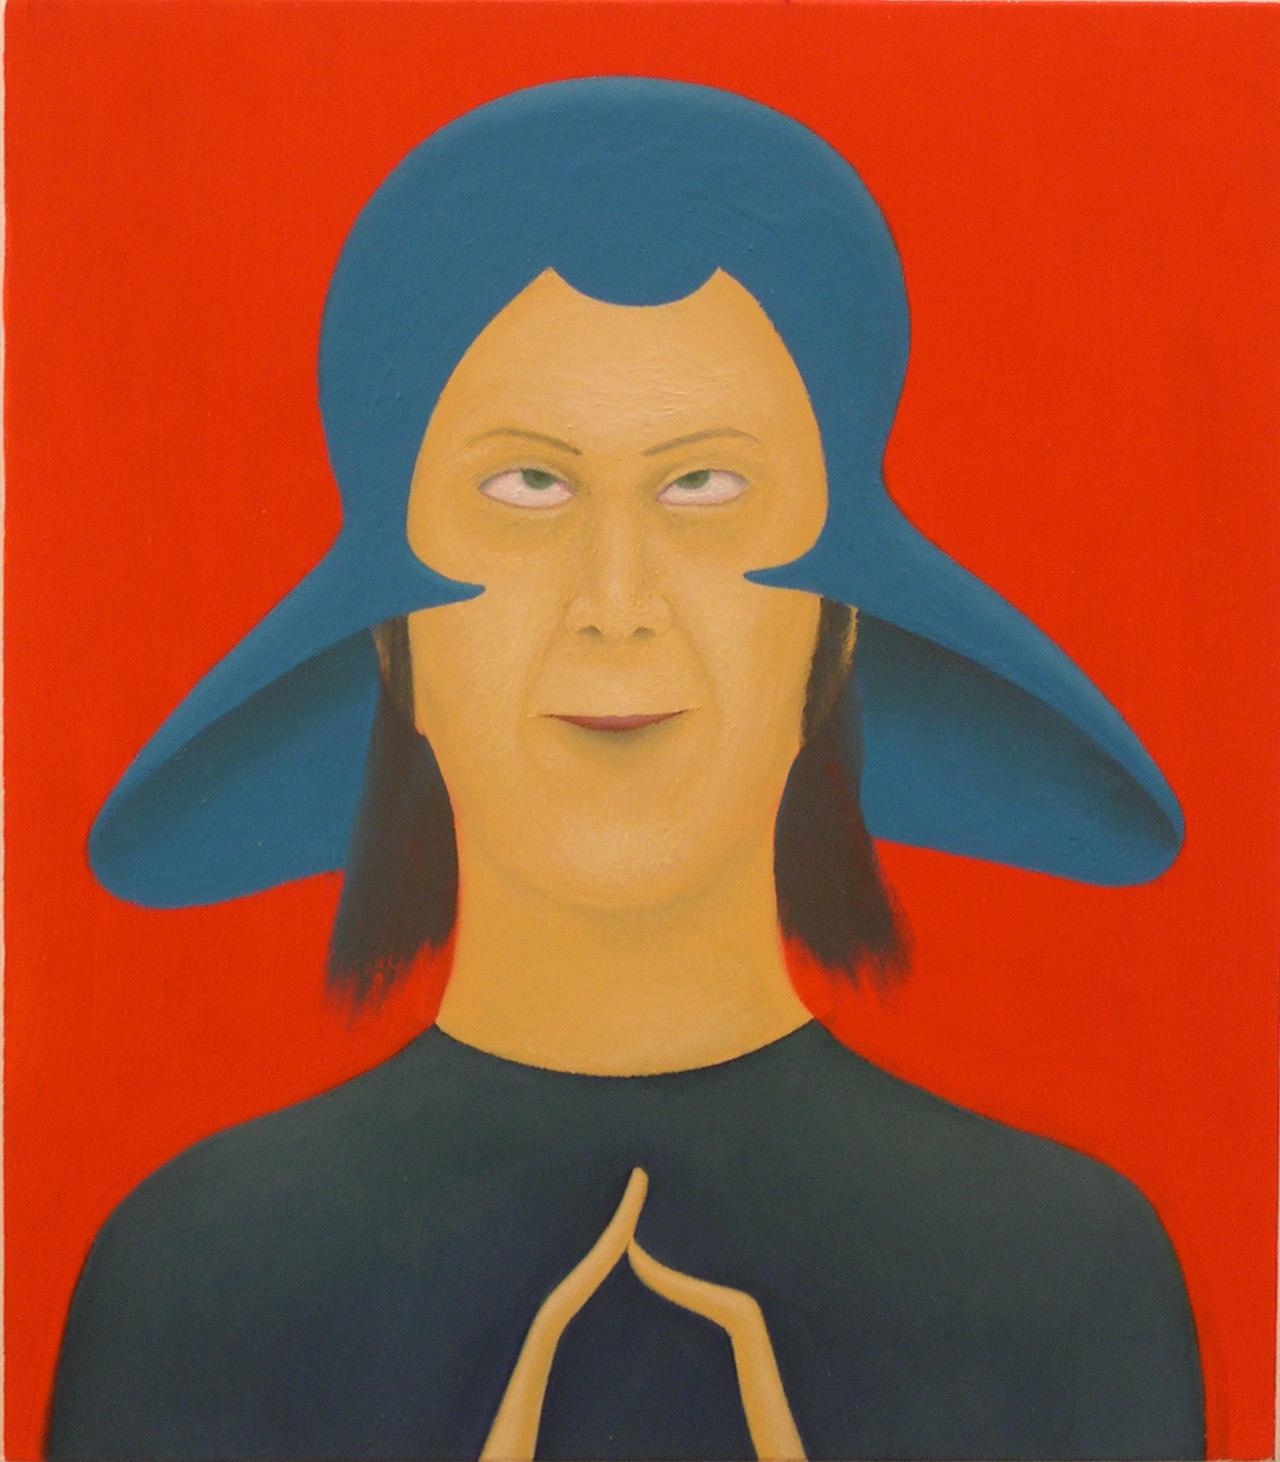 Giuliano Guatta, L'uomo venuto dallo spazio, 2003, cm 40×35, olio su tavola